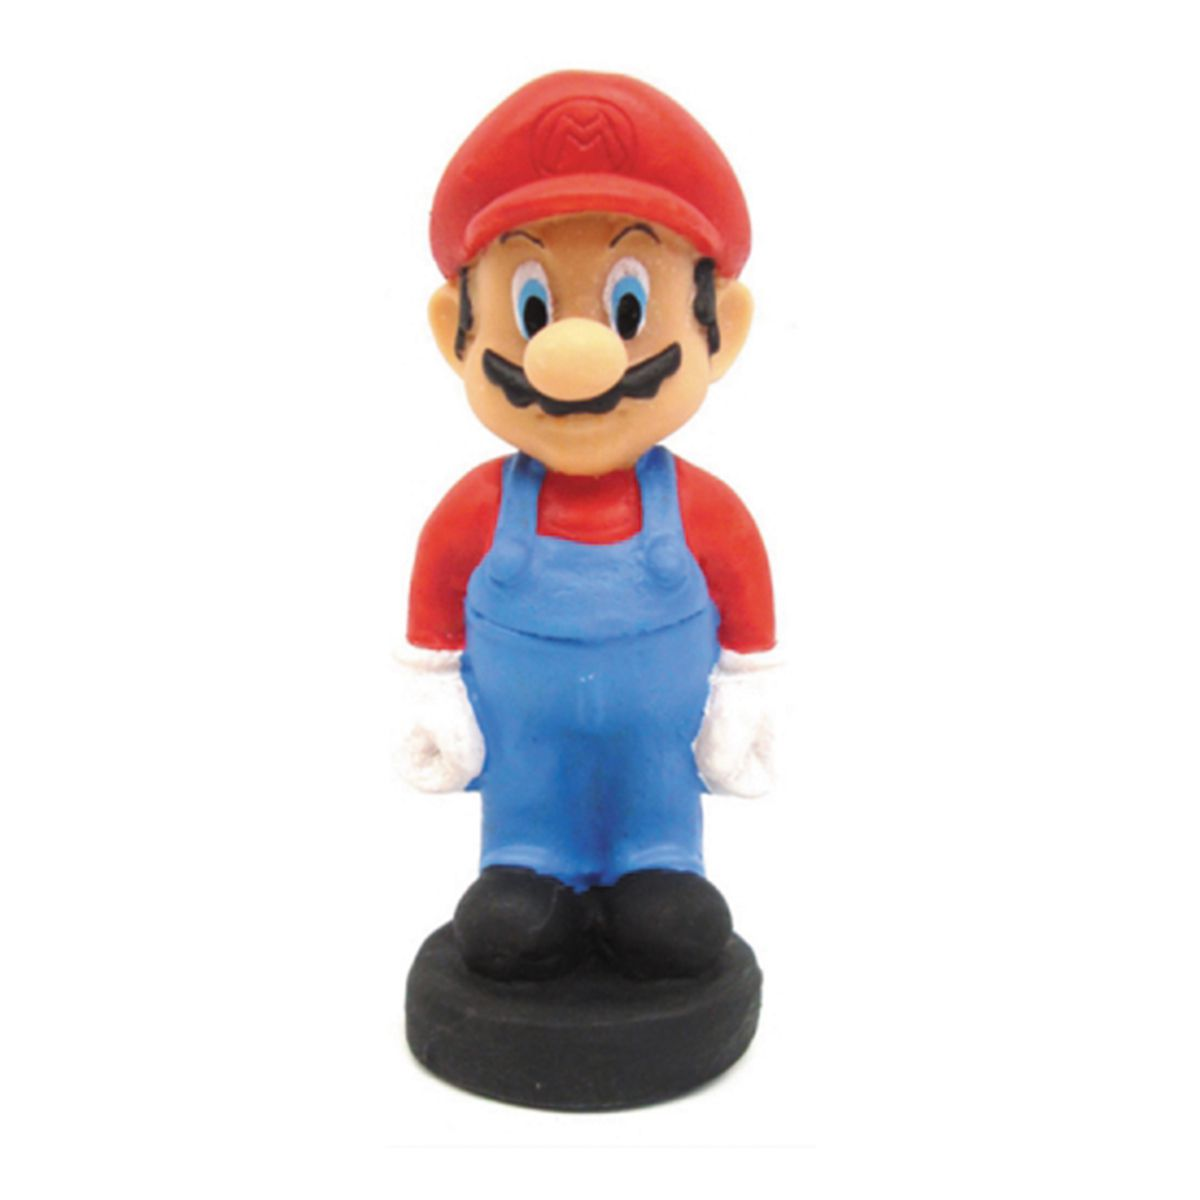 Kit Colecionável  Mario Bross e Luigi